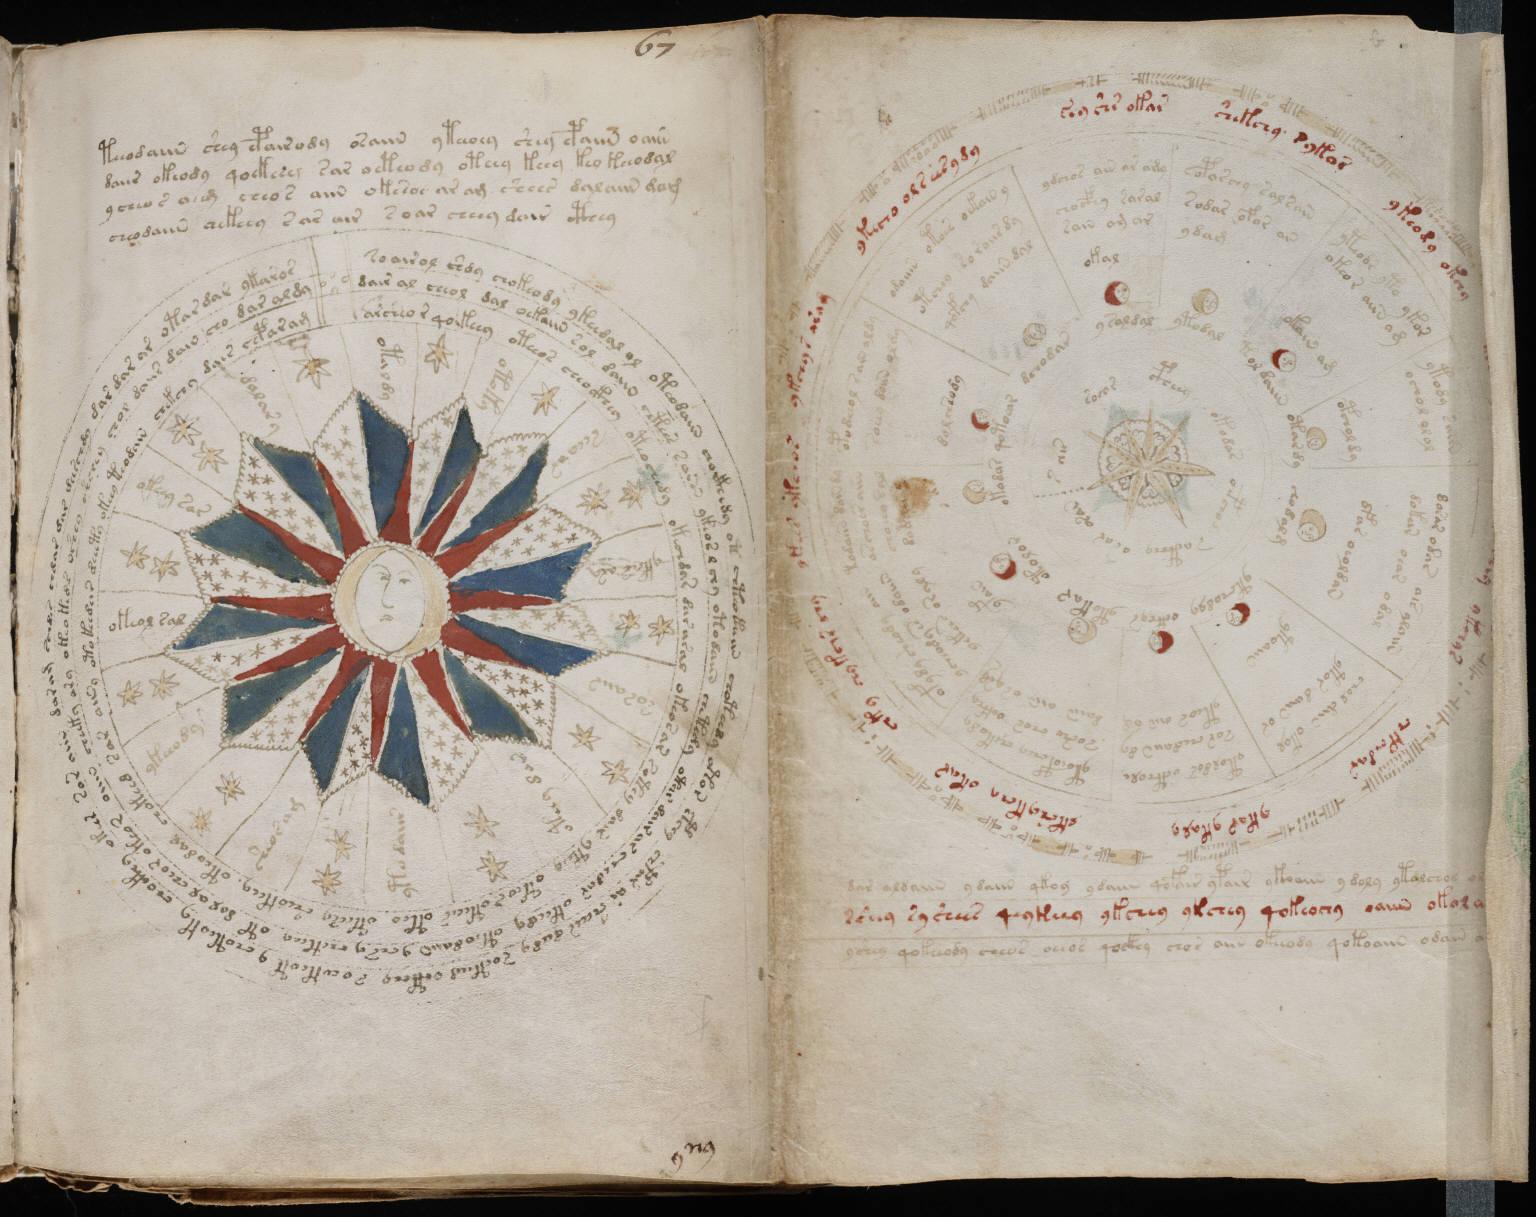 Undeciphered Voynich Manuscript